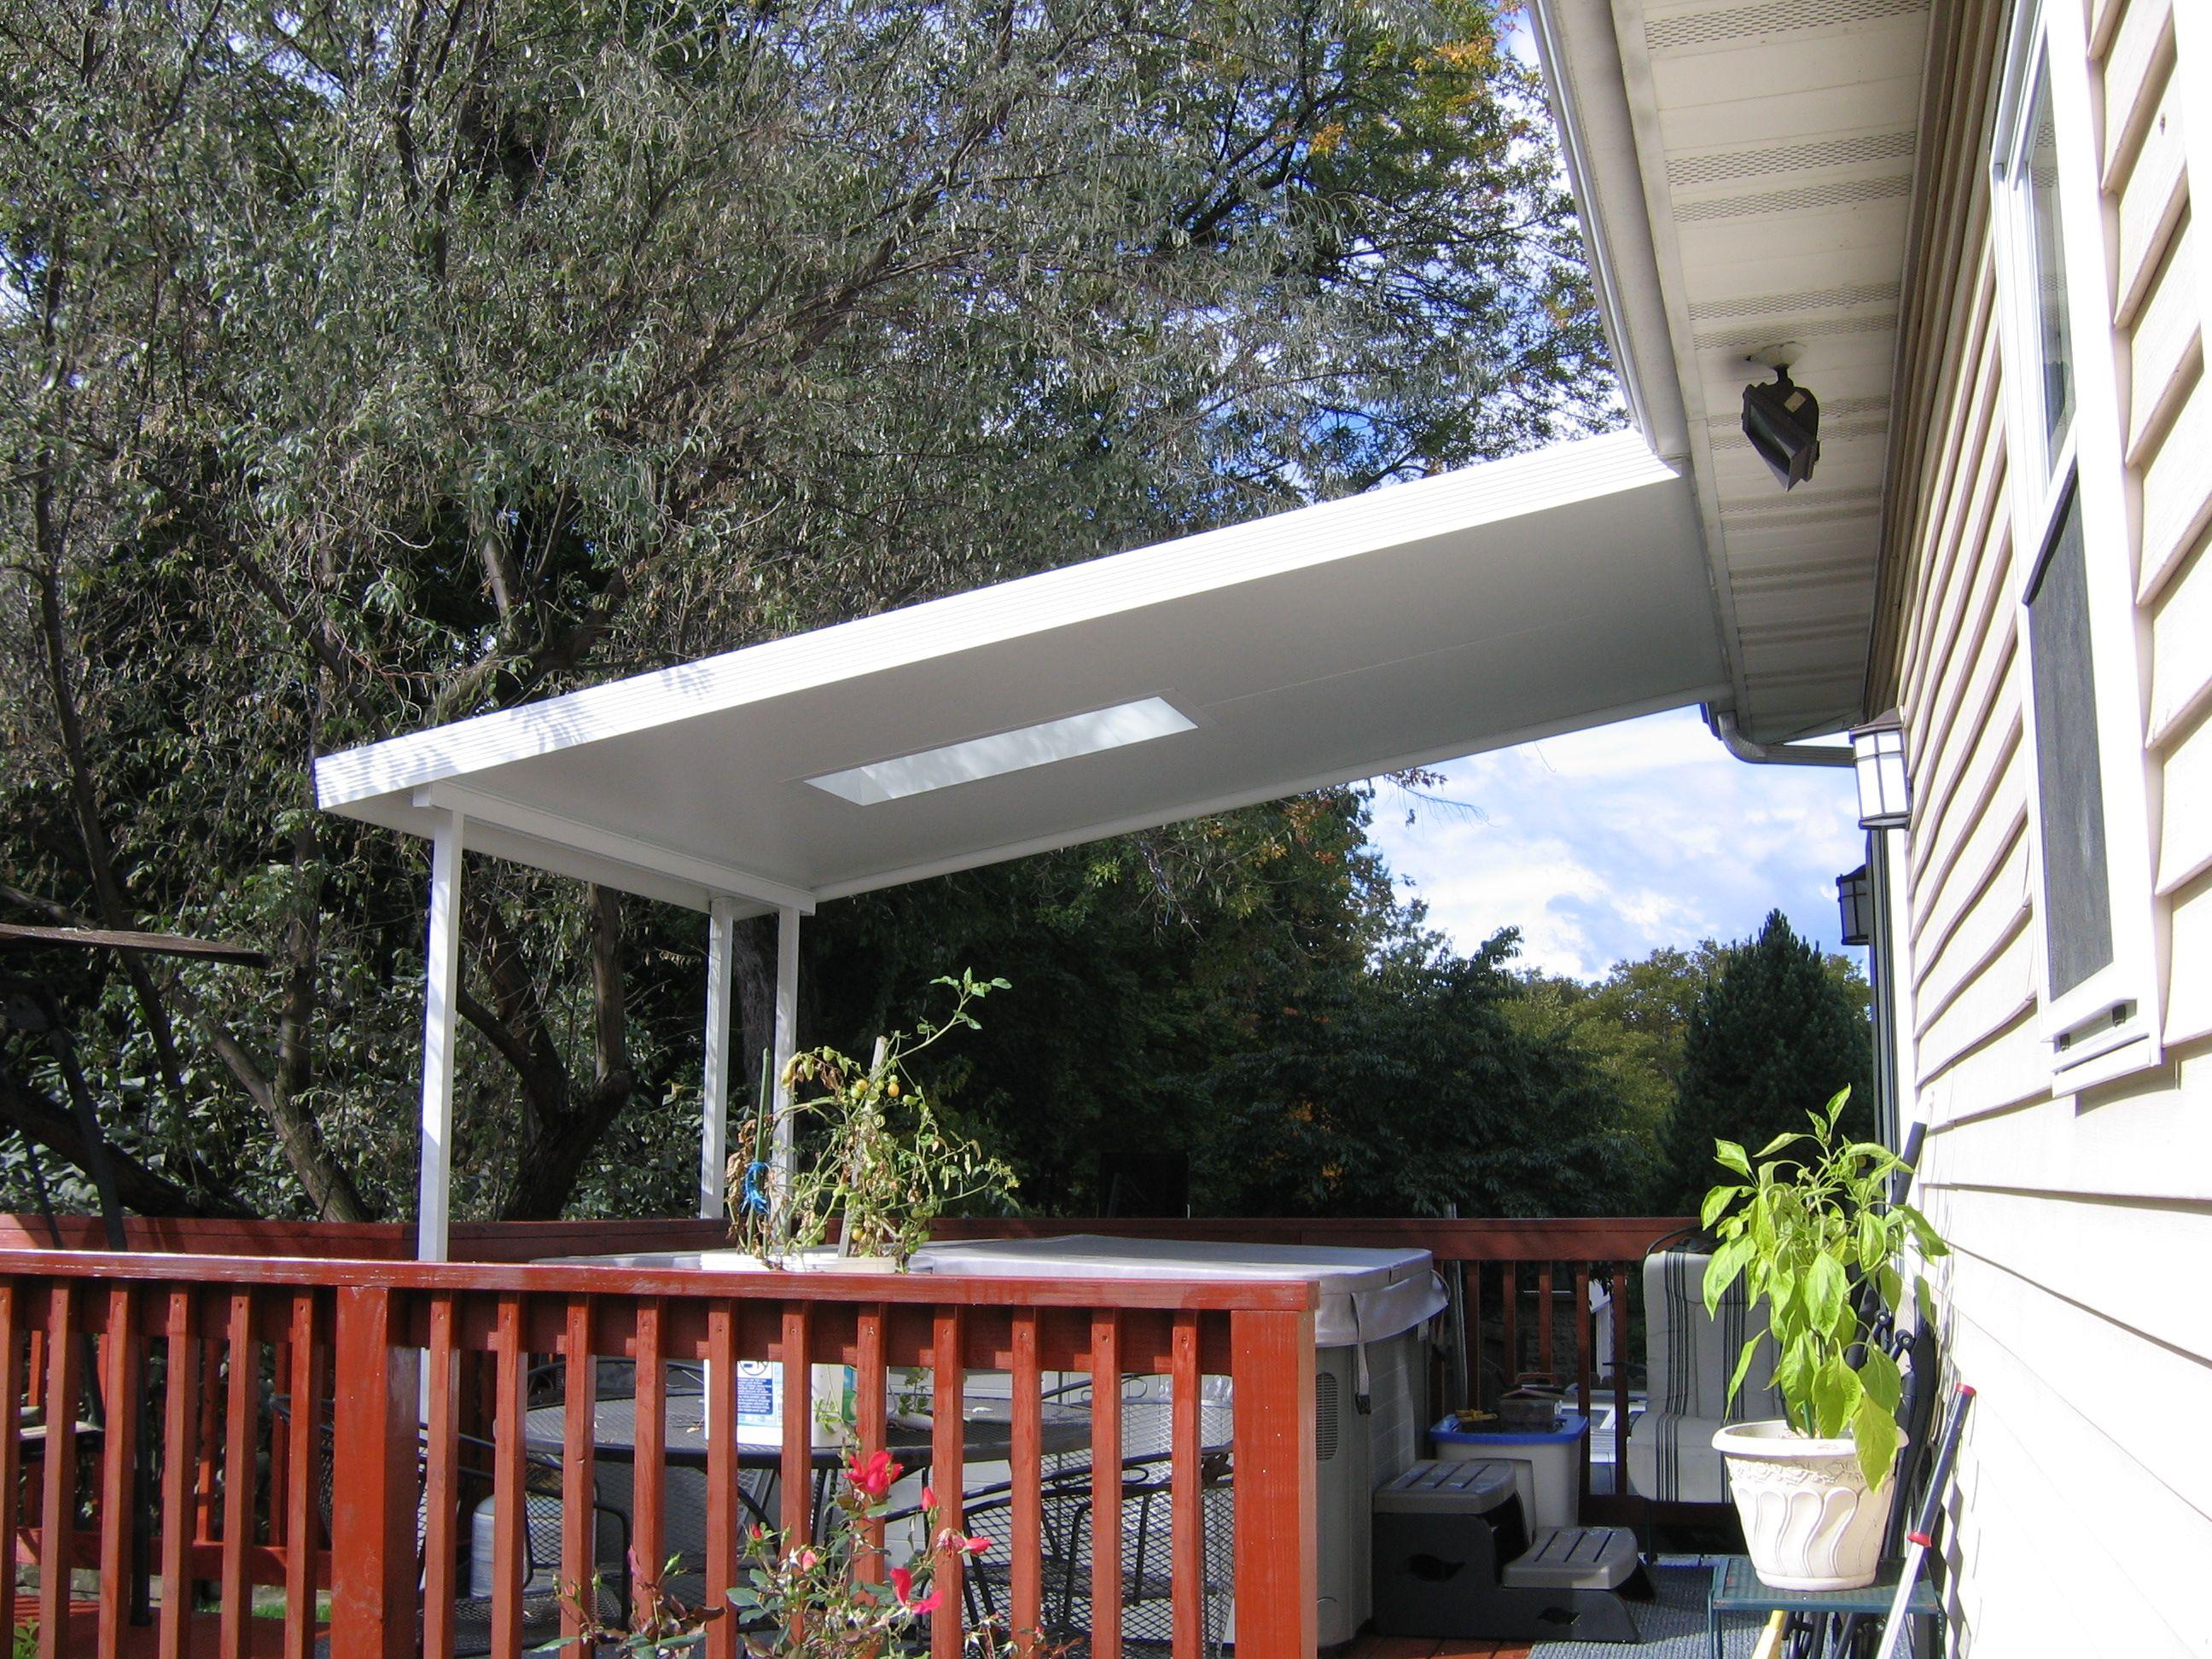 Insulated Flat Pan Aluminum Awning With Skylights Aluminum Awnings Awning Outdoor Decor